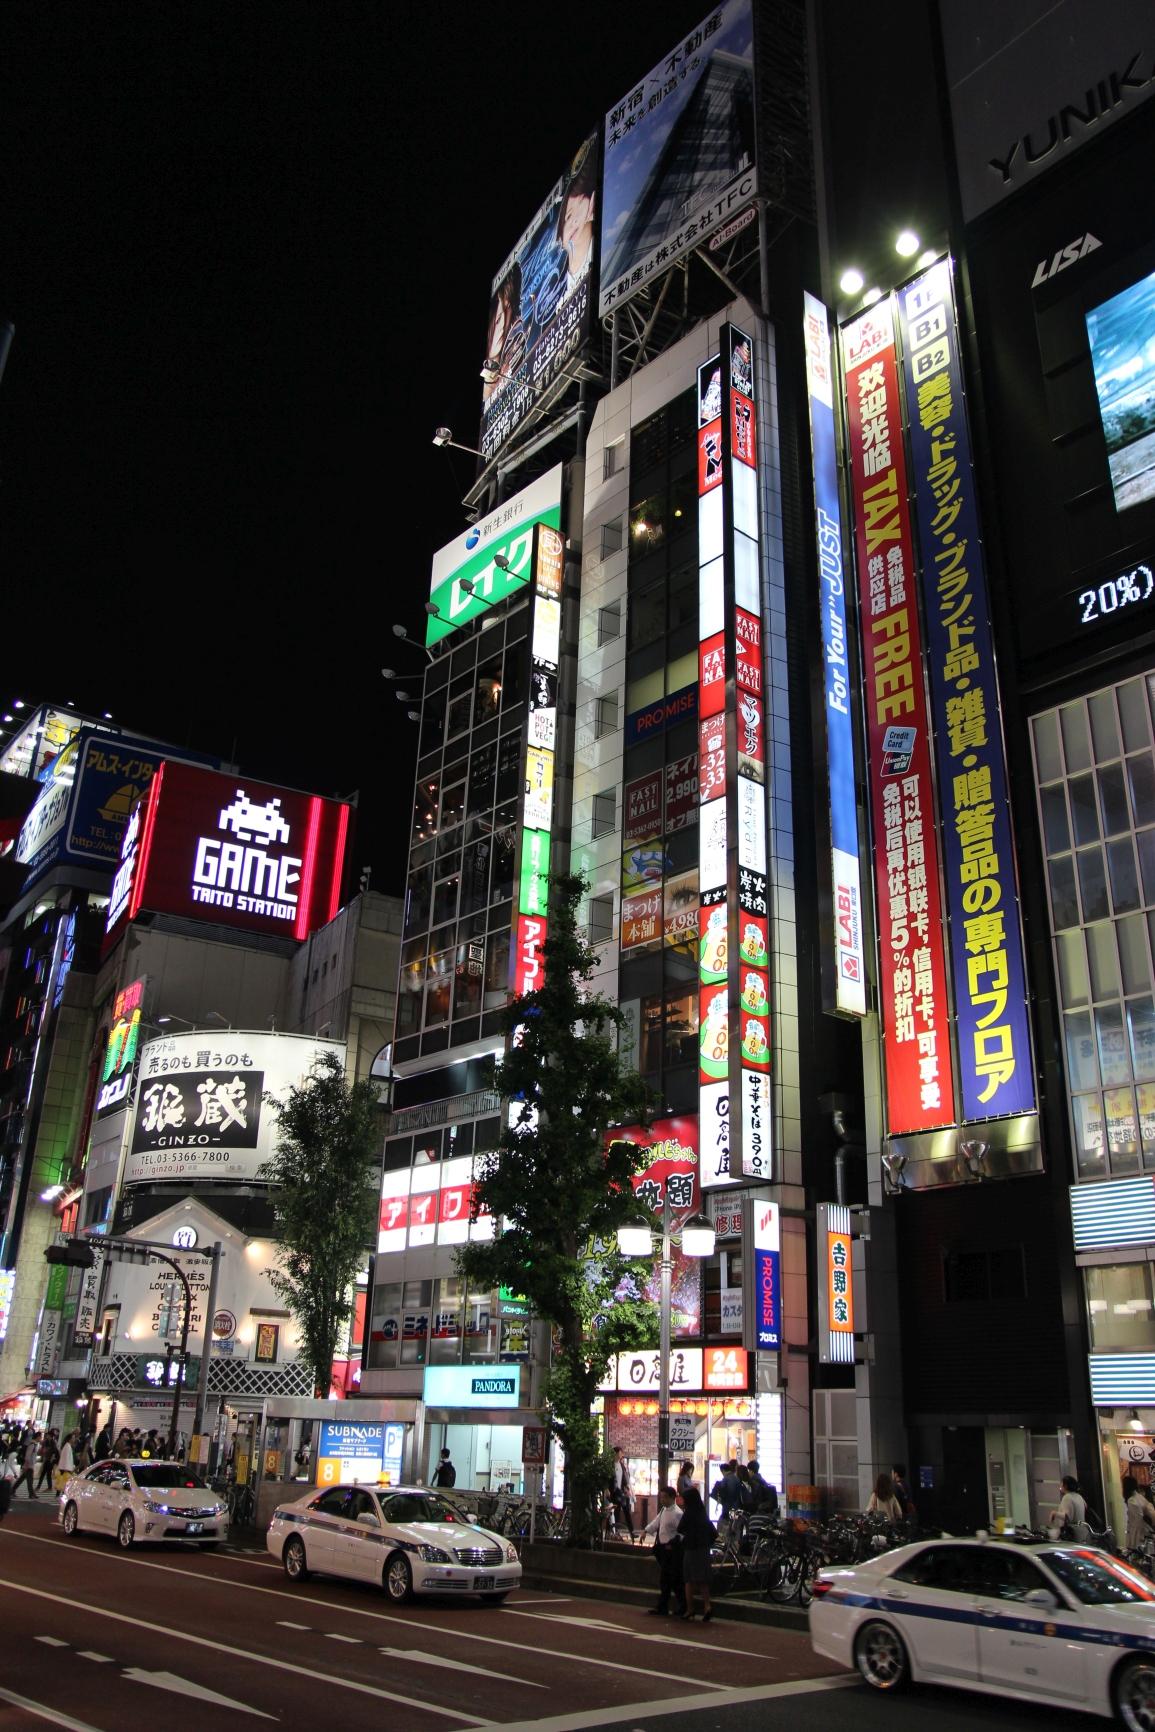 Japonia 07.06.2016 93